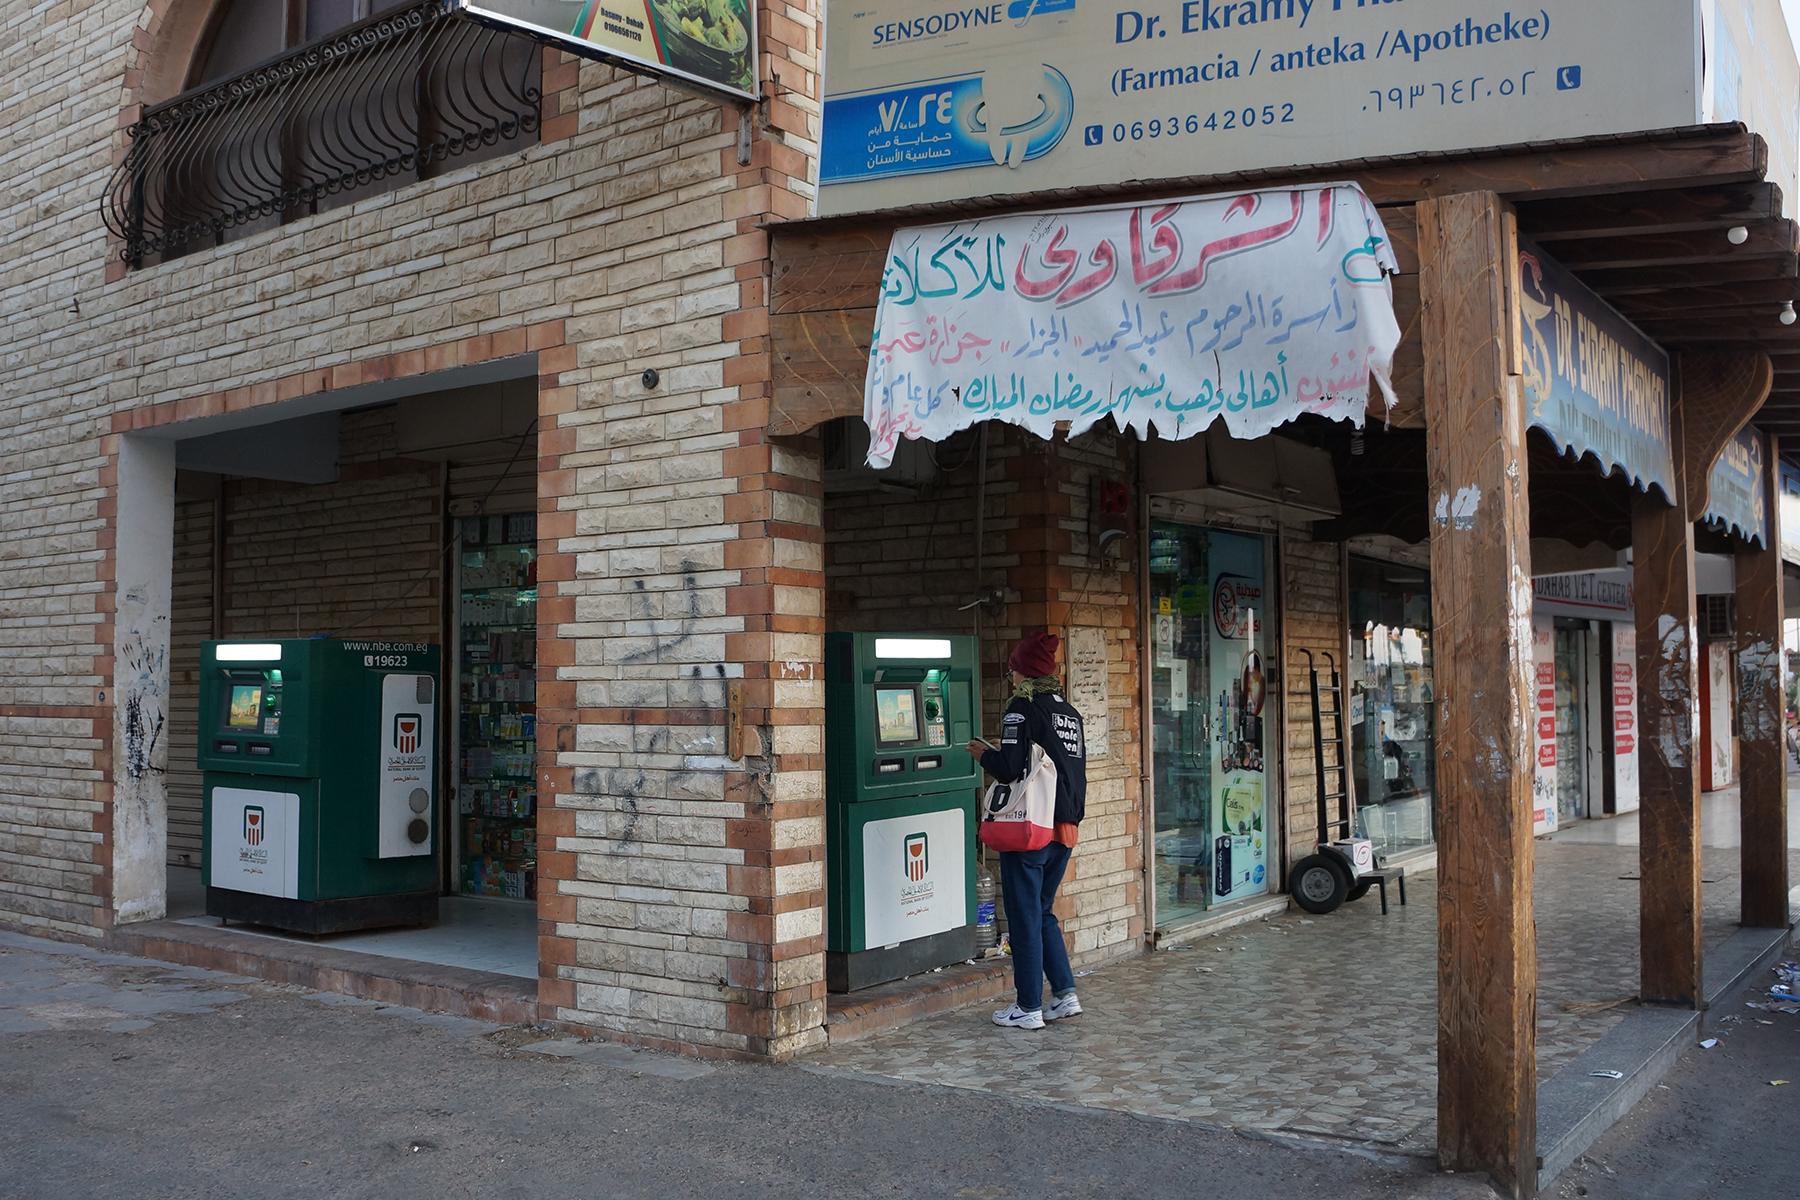 Банкоматы есть на рынке Асала. Интерфейс на английском